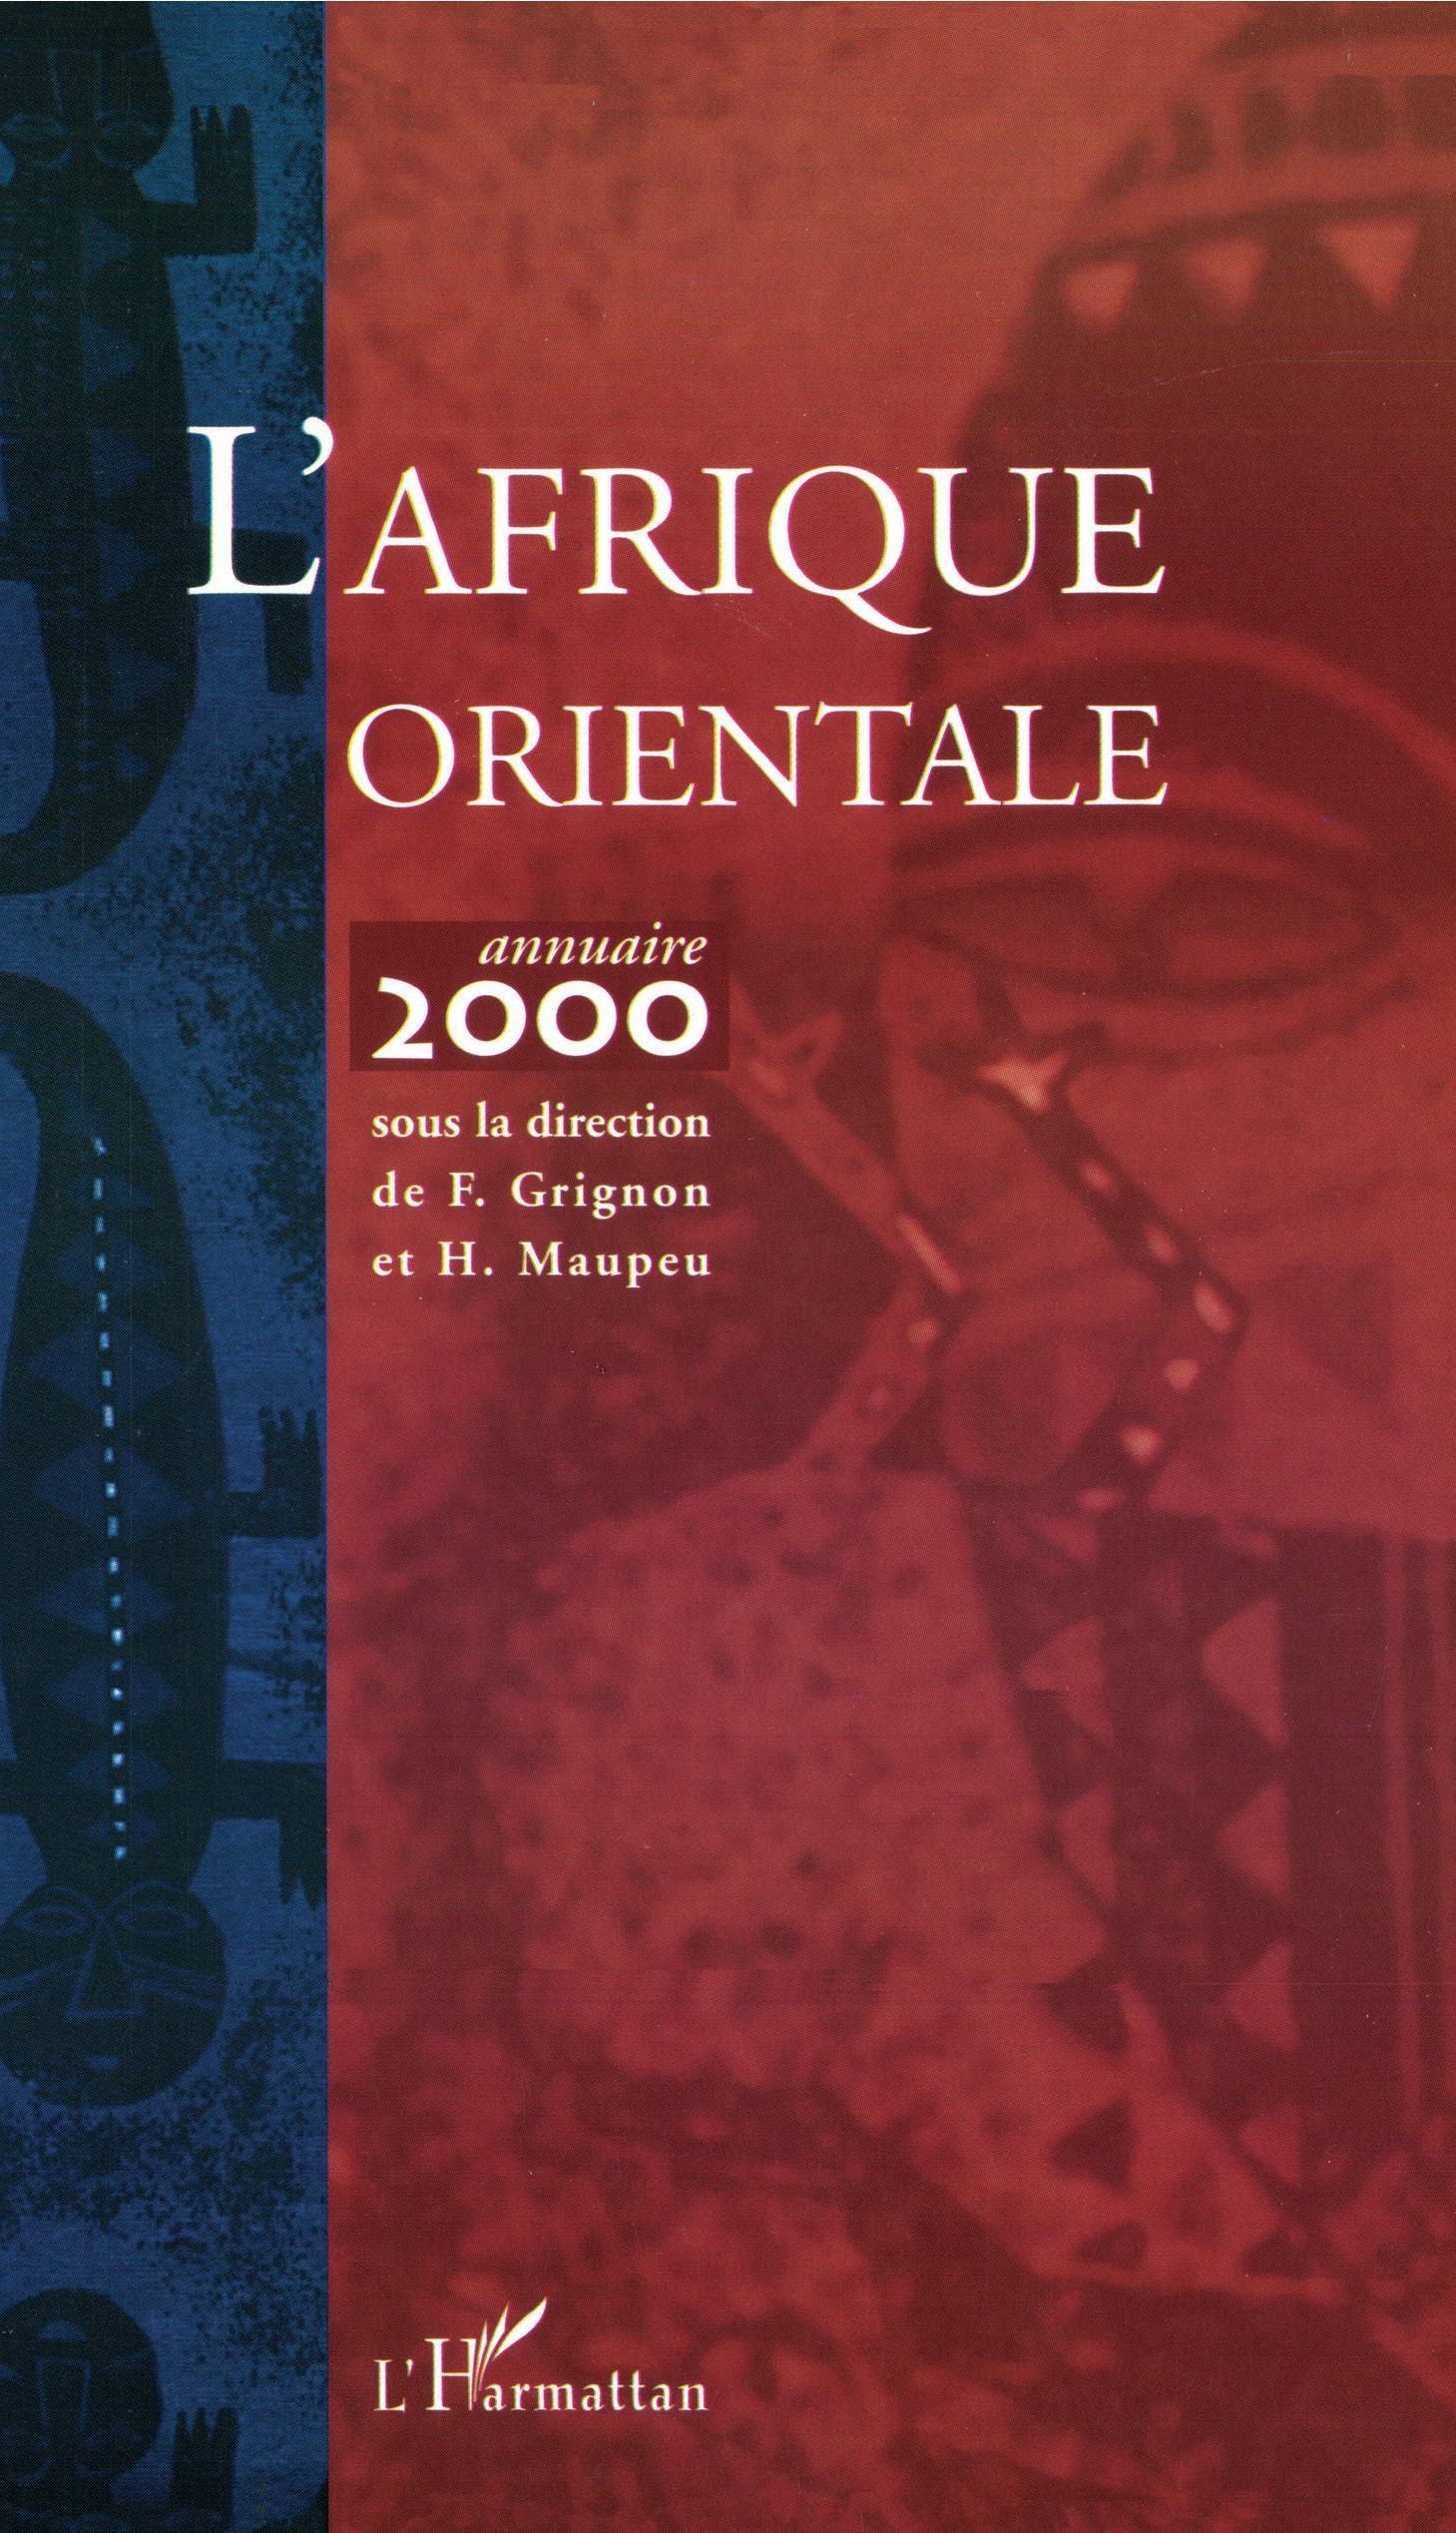 L'Afrique orientale. Annuaire 2002 - Hervé Maupeu